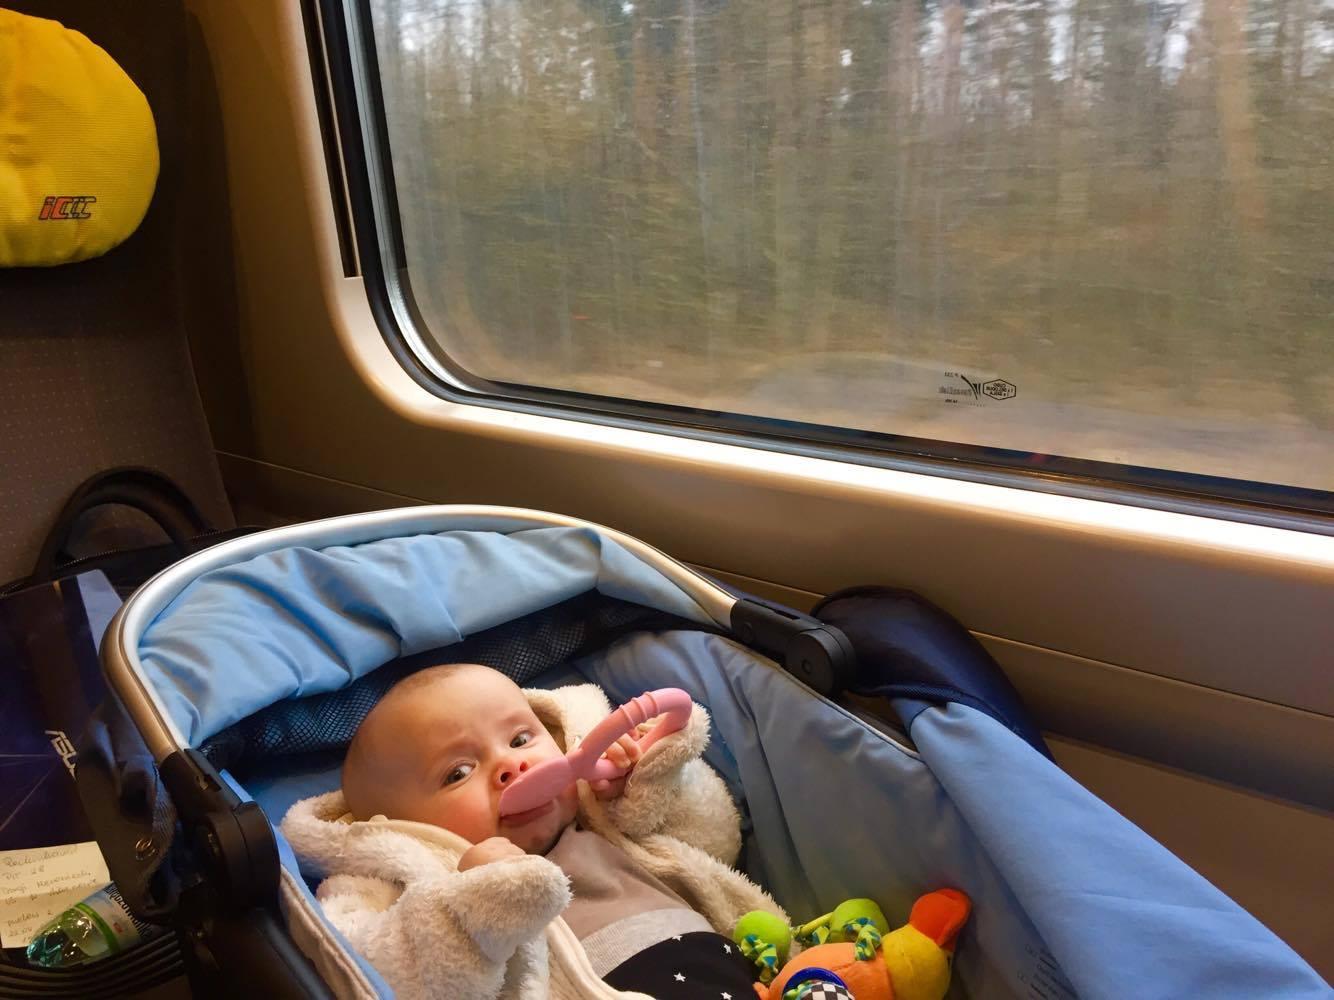 podróże z dzieckiem, podróże z niemowlakiem, pierwsza podróż, gdzie w pierwszą podróż,  Pierwsza podróż pociągiem